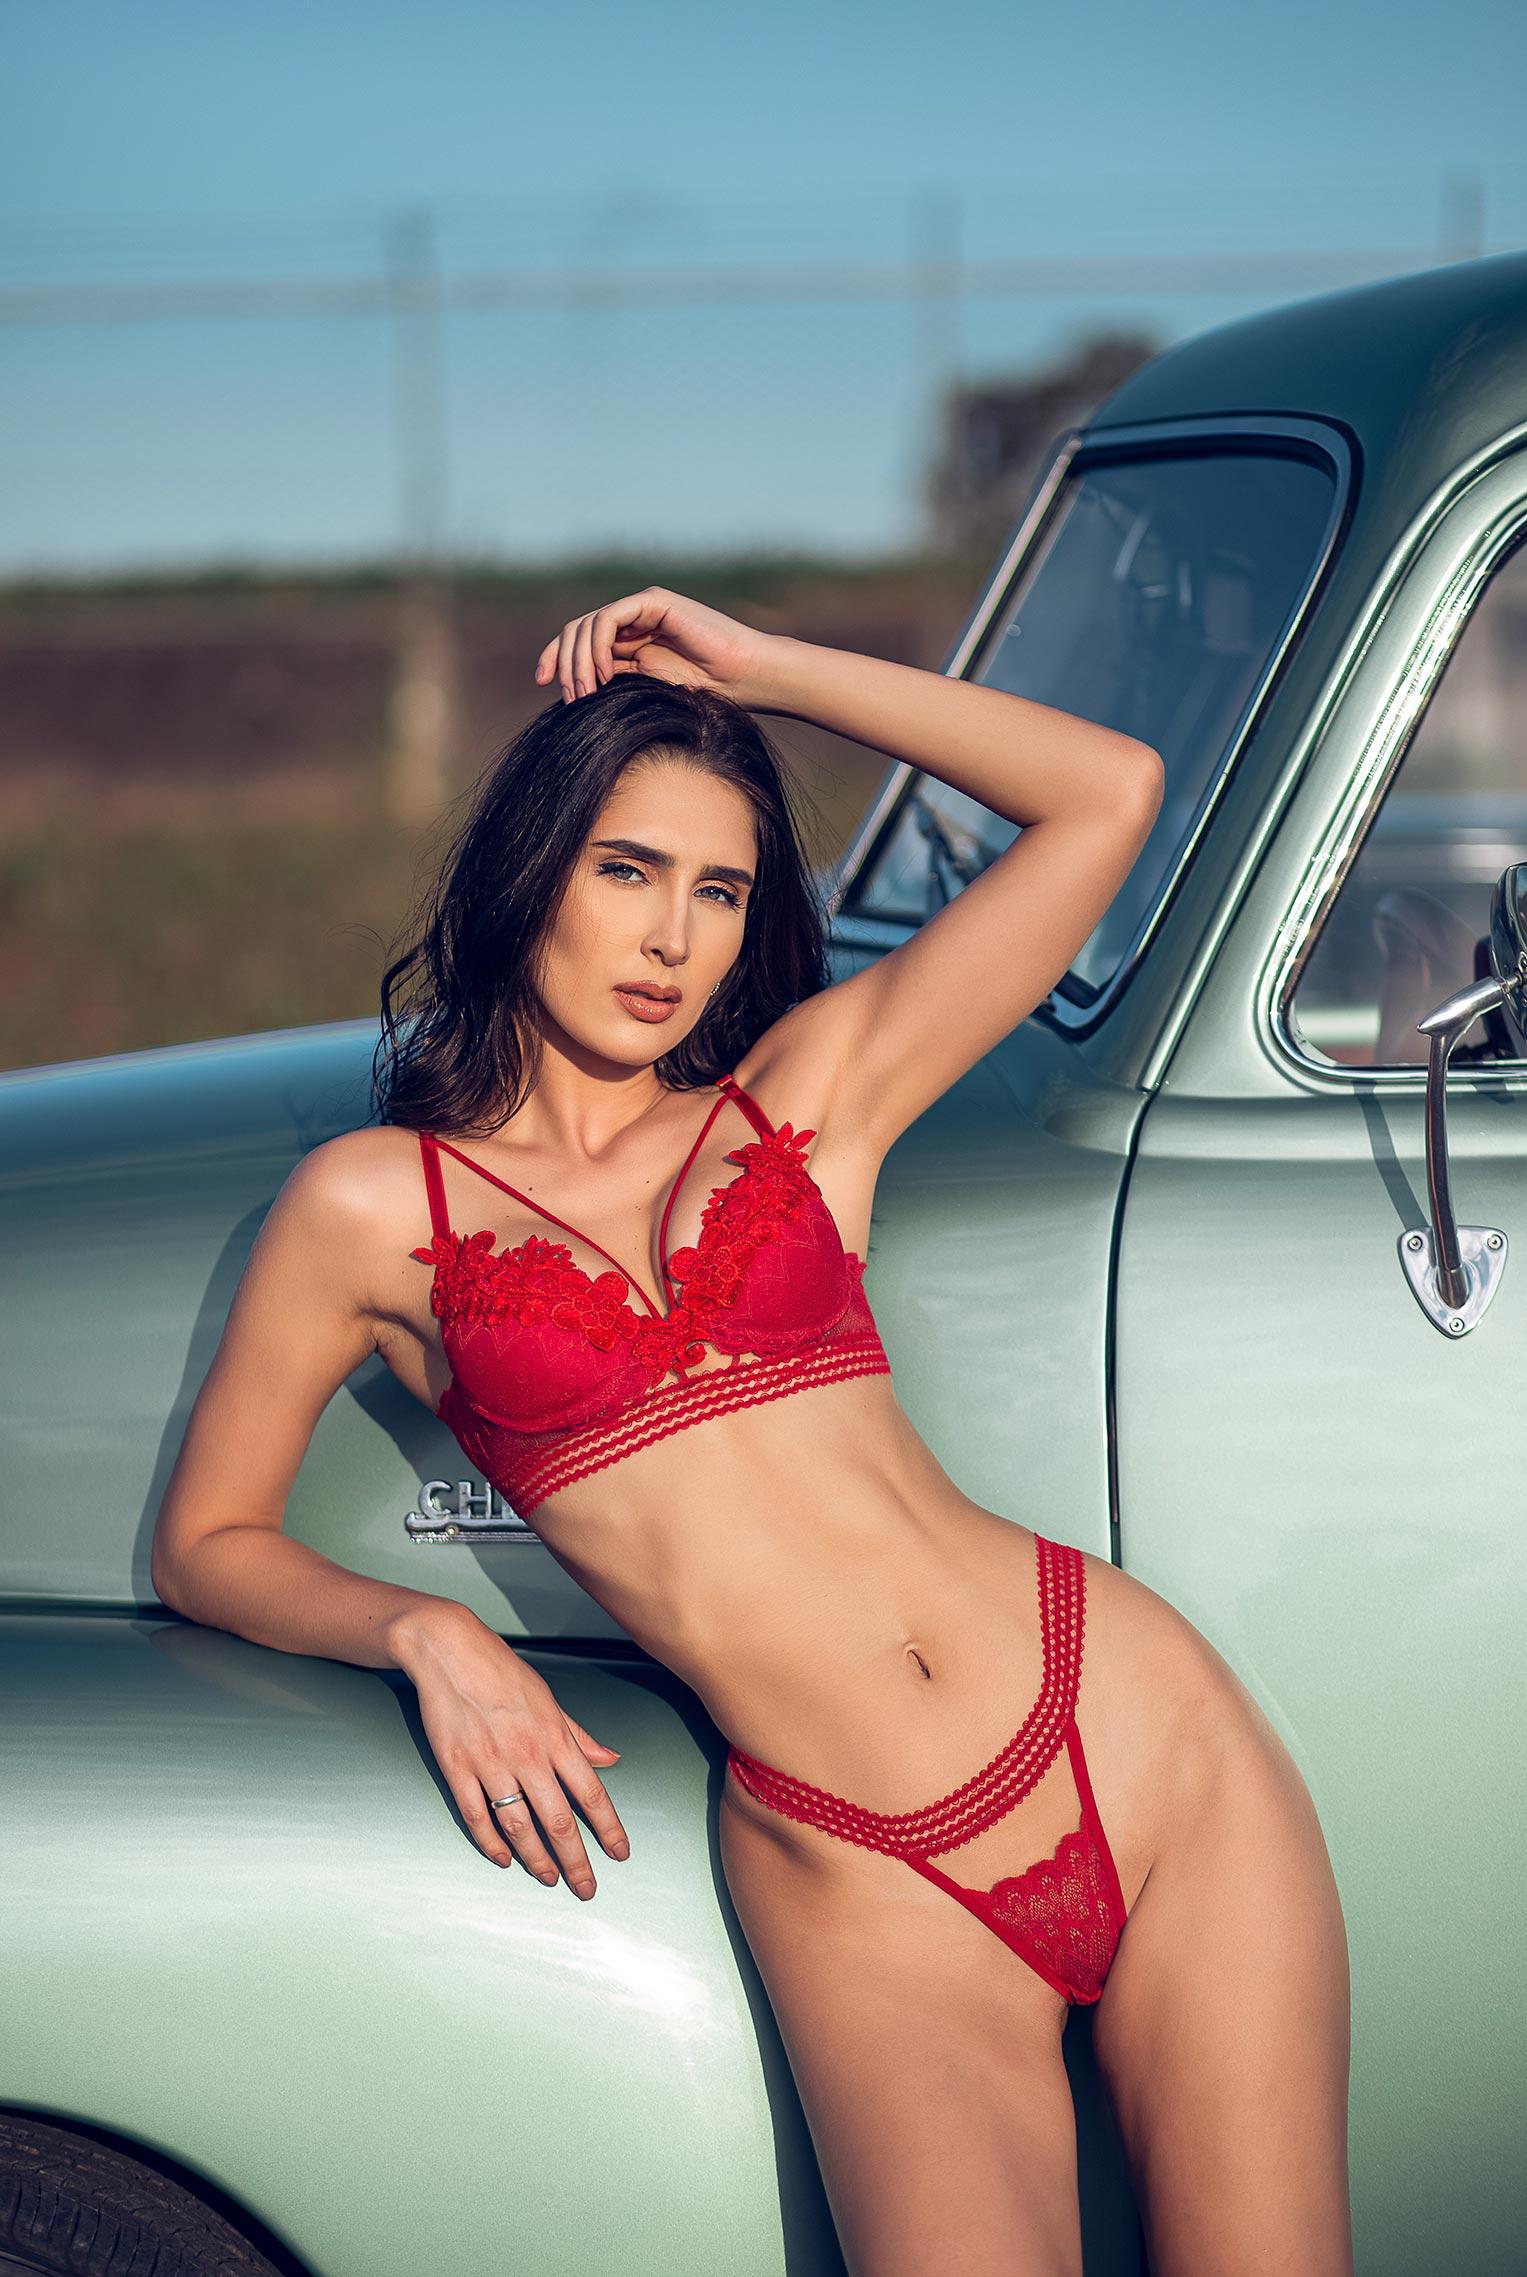 срочный автосервис / девушка с гаечными ключами лежит под машиной на пустынной дороге / фото 10